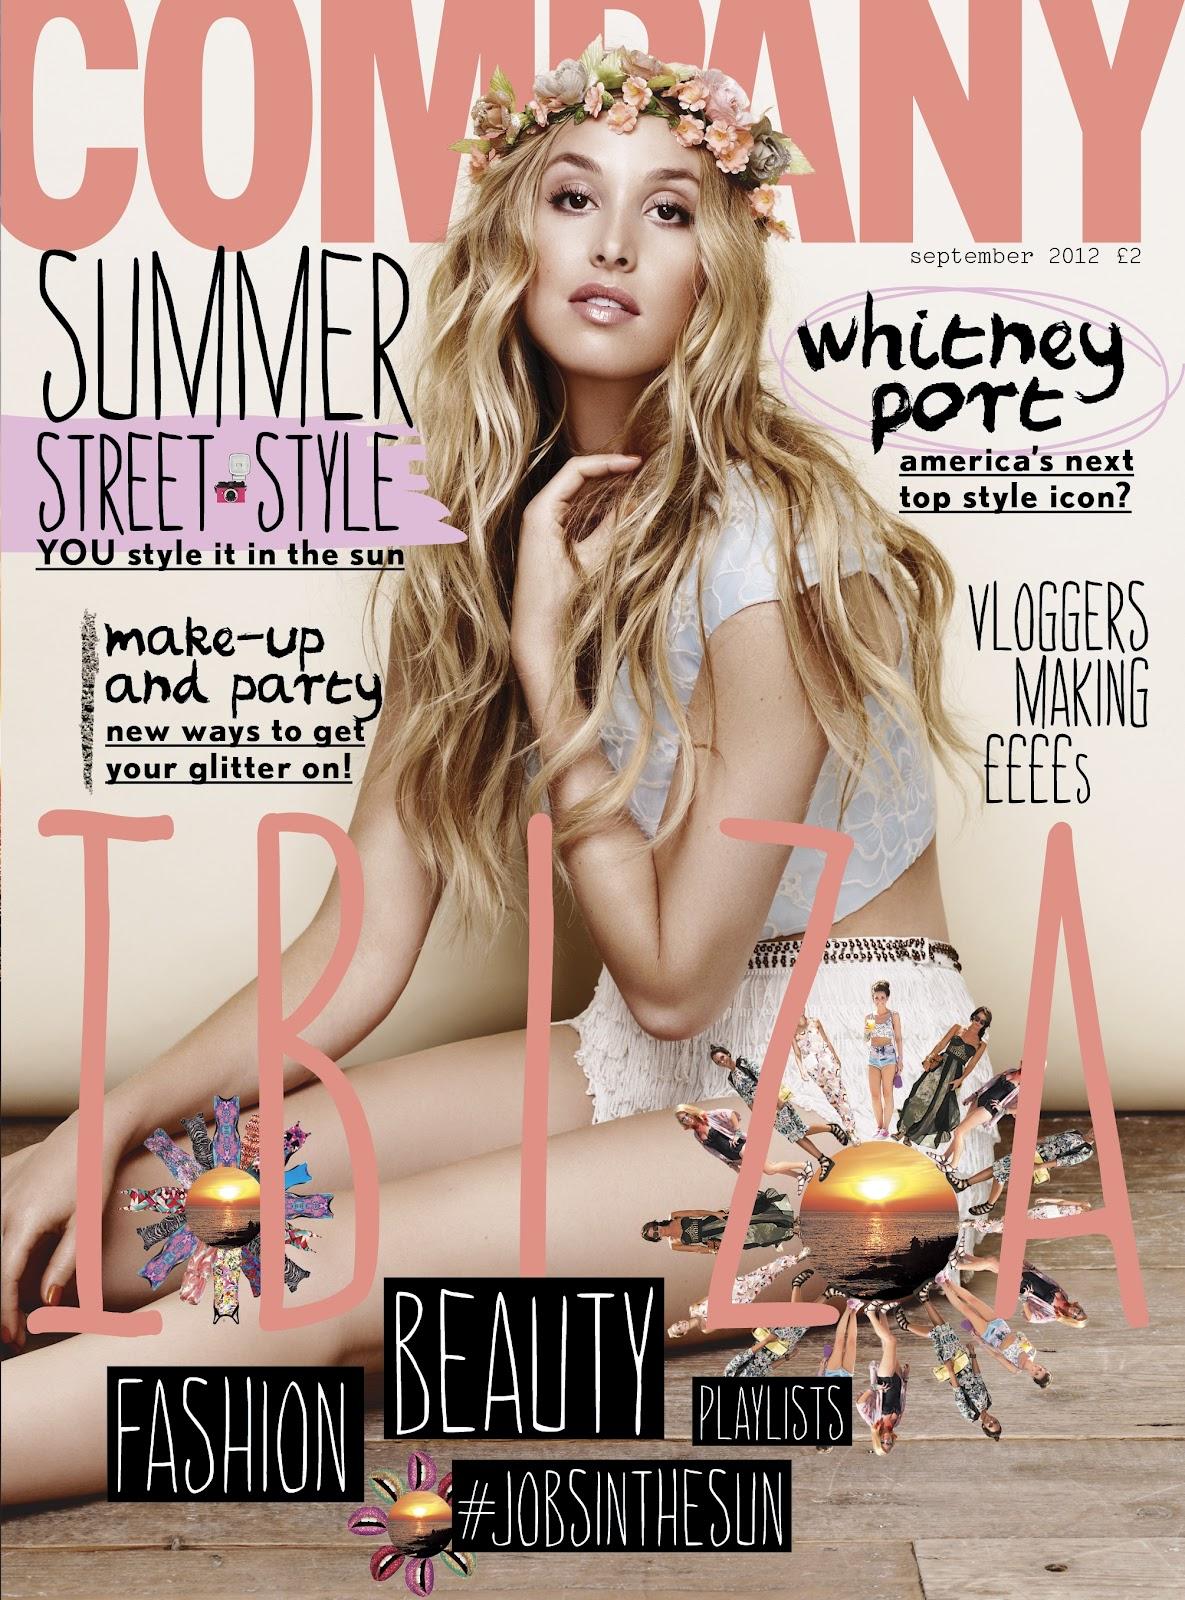 http://1.bp.blogspot.com/-Xs9l1zlFq4s/UBqSeiqSQfI/AAAAAAAAQ_Q/EPjVPW8B8ms/s1600/whitney+port+company+magazine+september+2012+cover.jpg